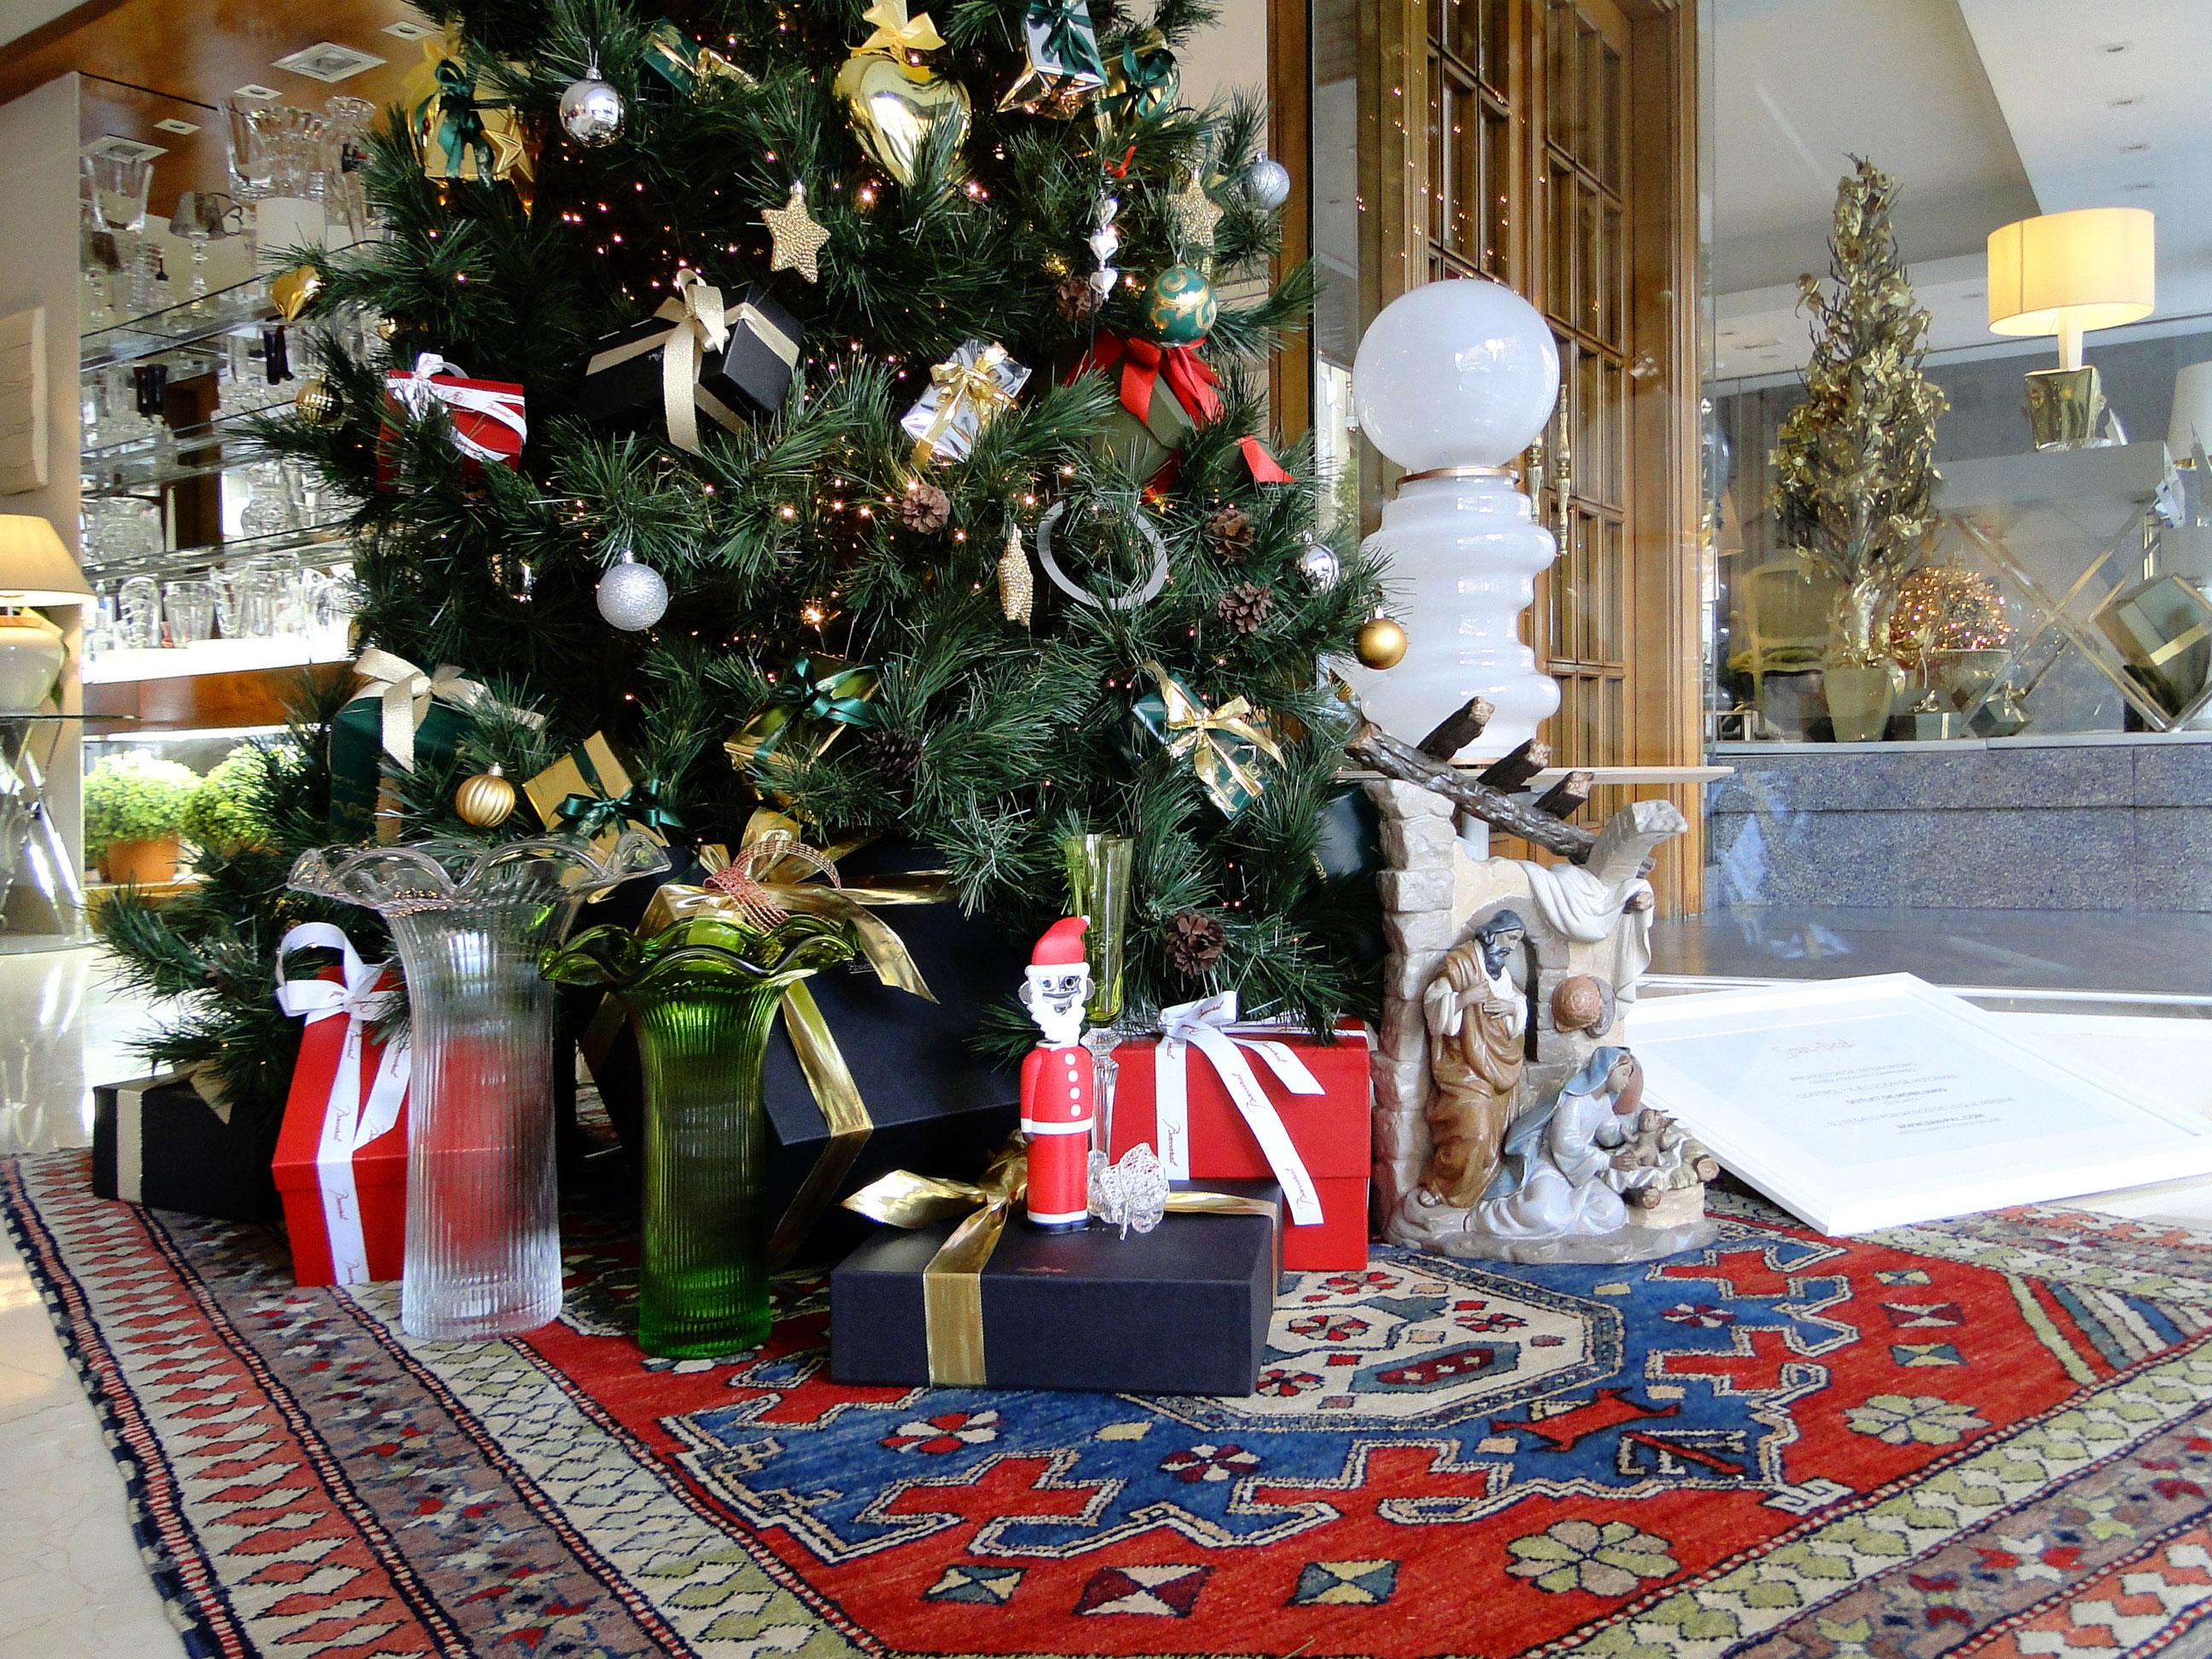 Sanpal salamanca proyectos navidad web blog decoracion - Blog decoracion navidad ...